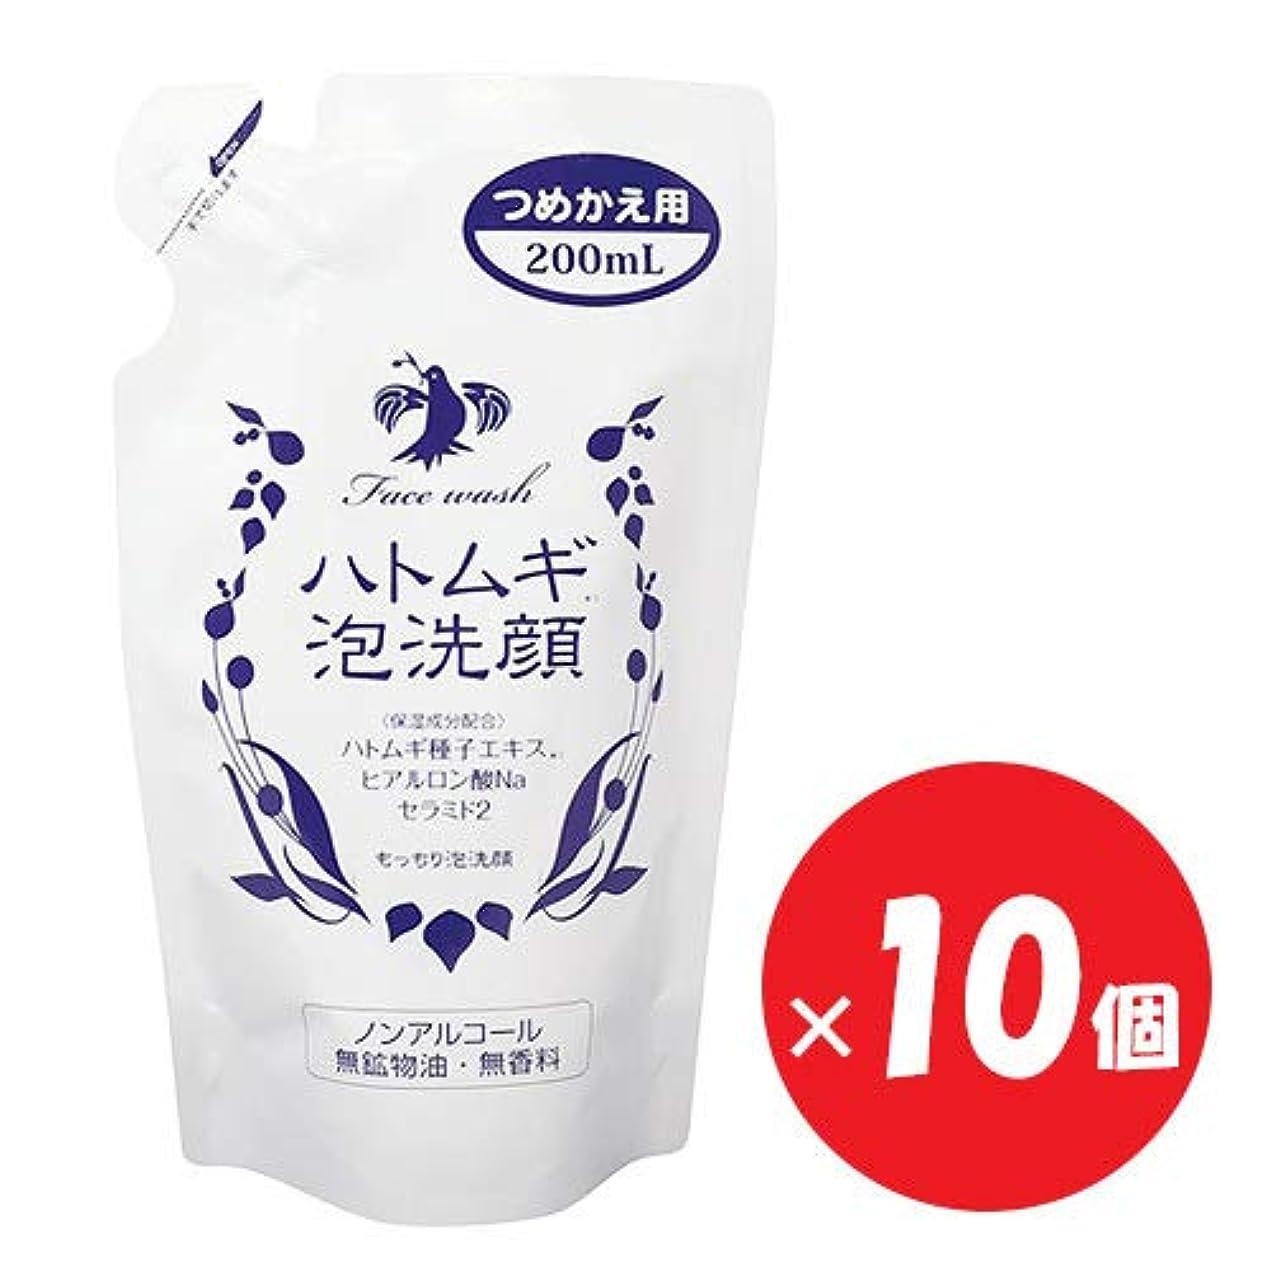 ハトムギ泡洗顔 つめかえ用 200mL×10個セット